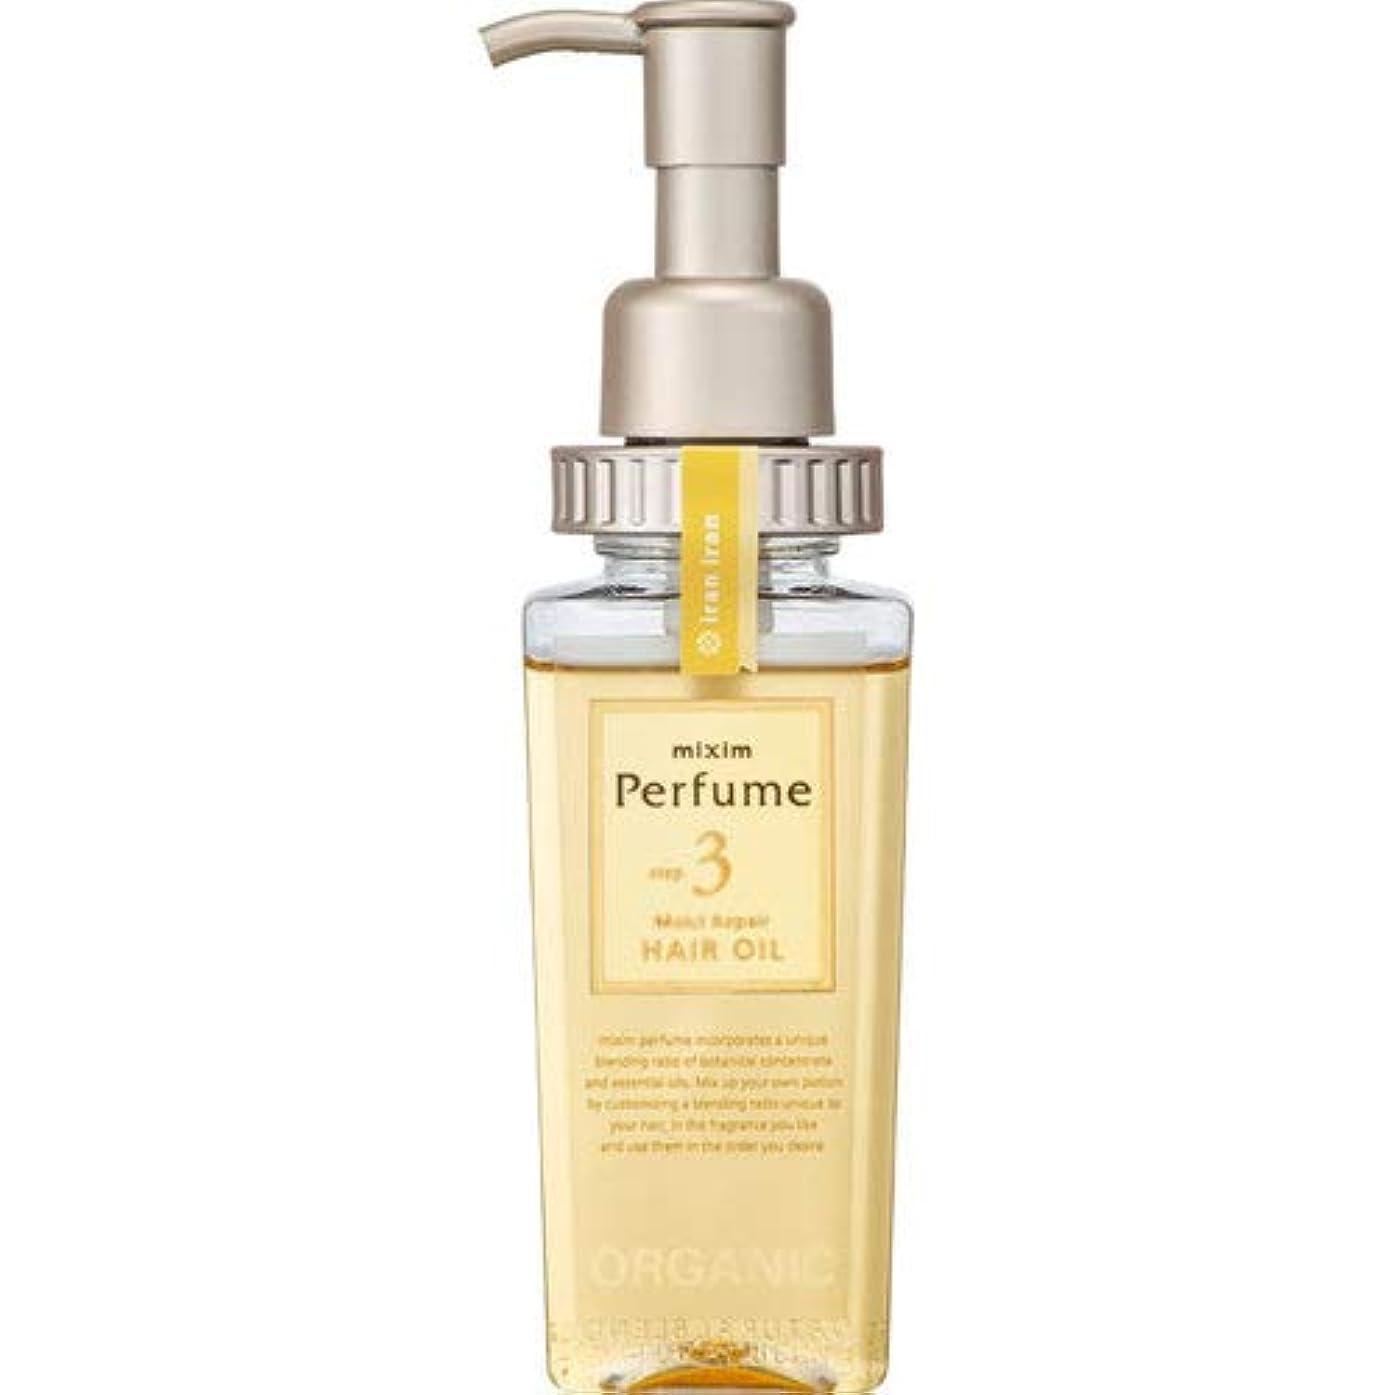 シャンプートムオードリース登録するmixim Perfume(ミクシムパフューム) モイストリペア ヘアオイル 100mL